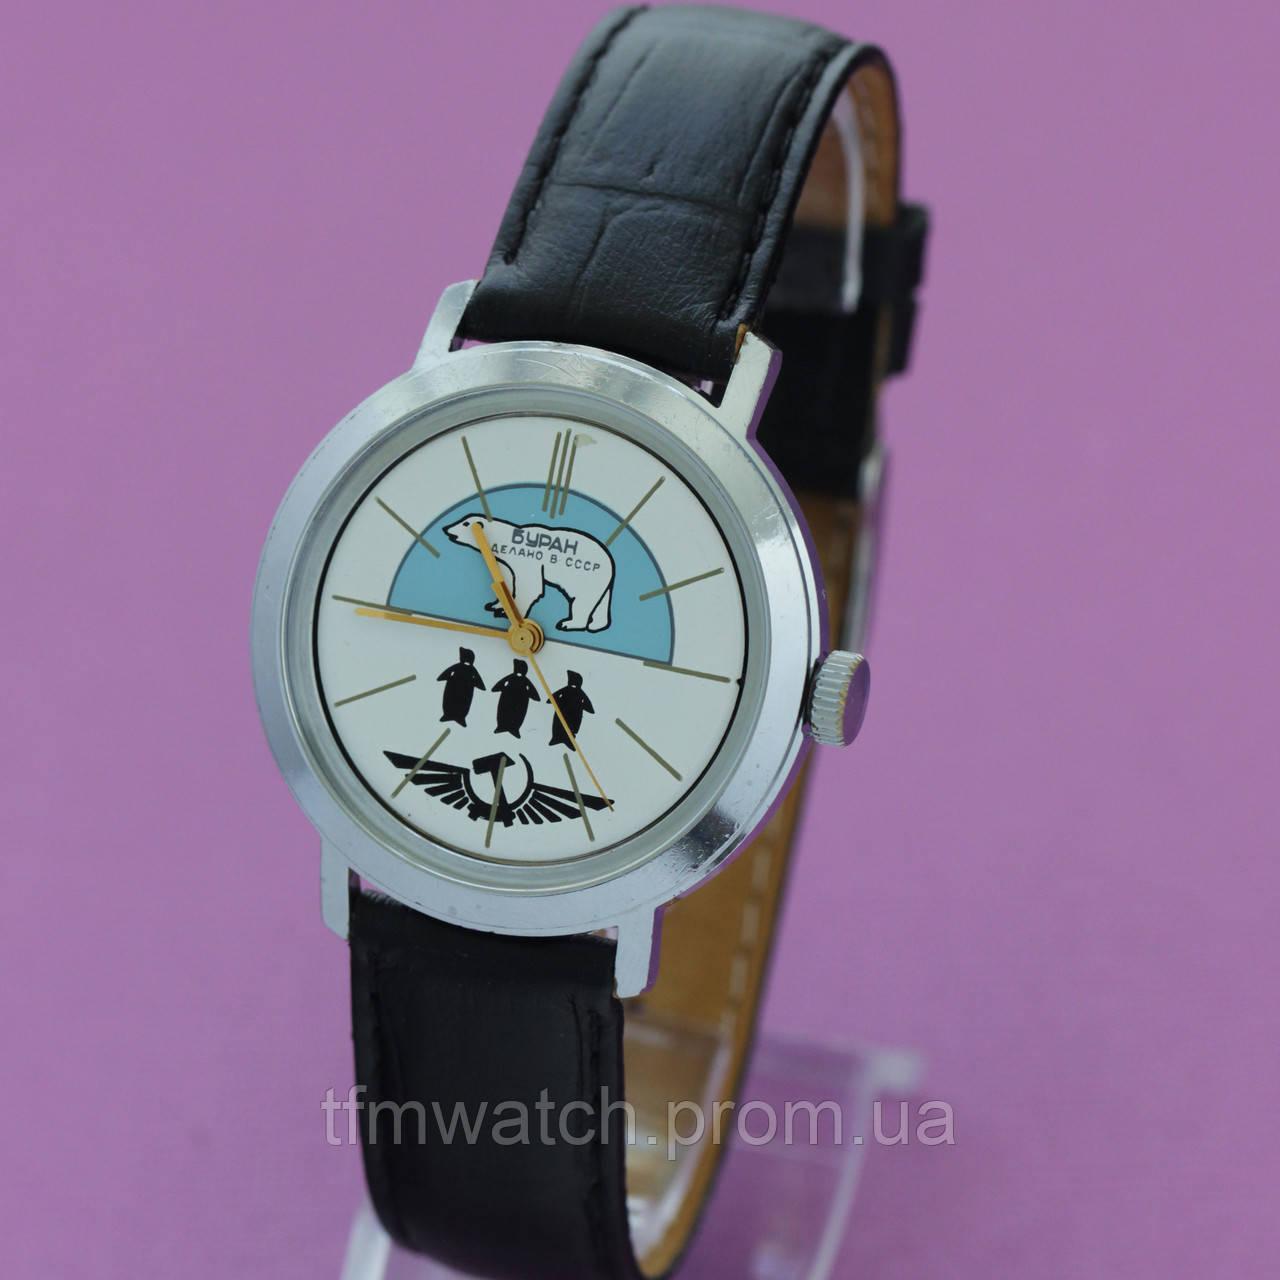 Москве в продать буран часы часов aviator стоимость